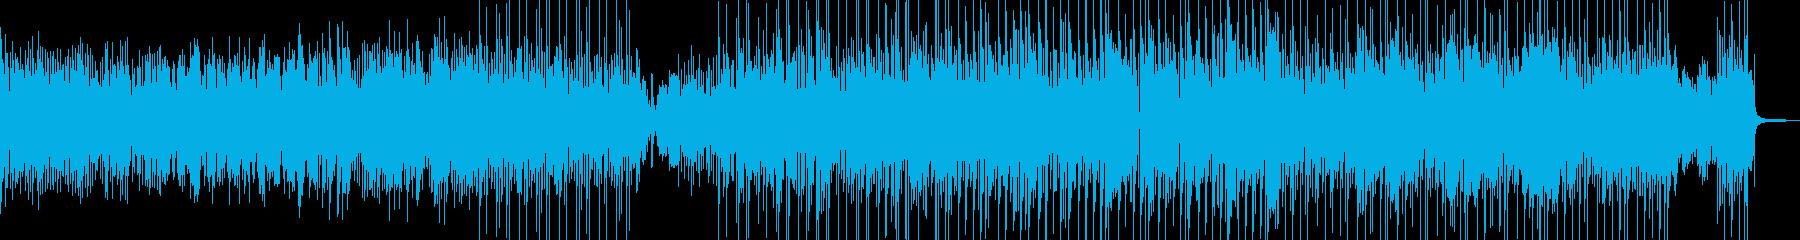 フルートで奏でる癒しタイム・ラテン Bの再生済みの波形